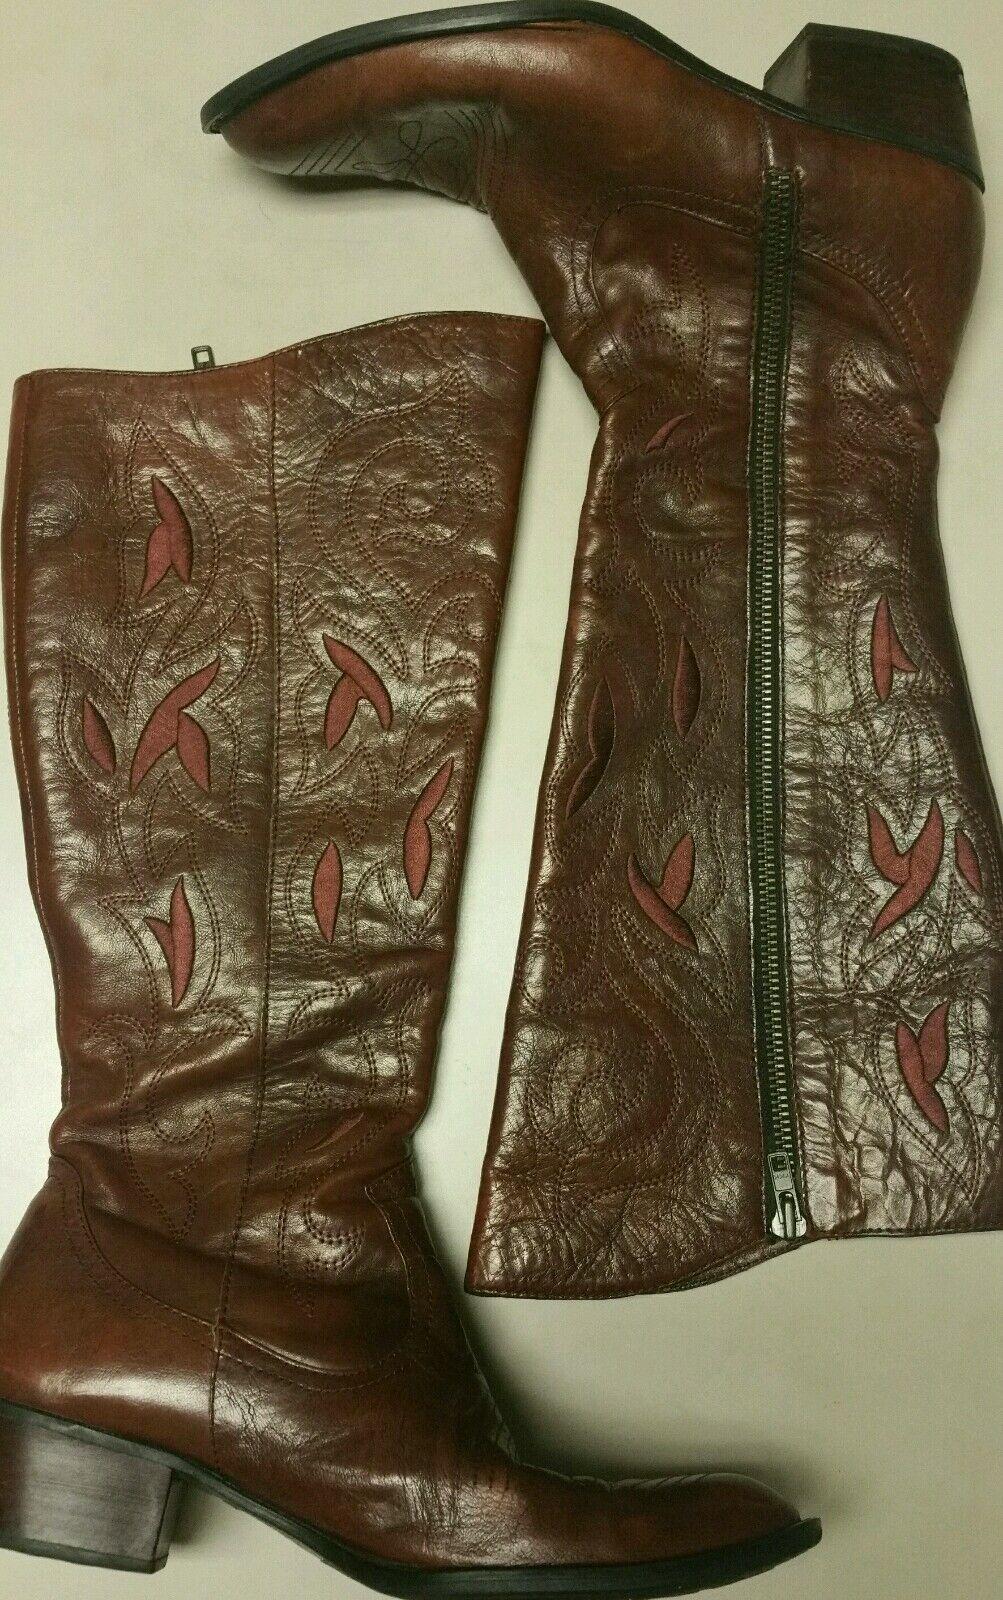 Raro nacido para mujer rojo-pardo única botas altas altas altas con Bordado Borgoña Talla 9.5 Usado En Excelente Condición  hasta un 60% de descuento